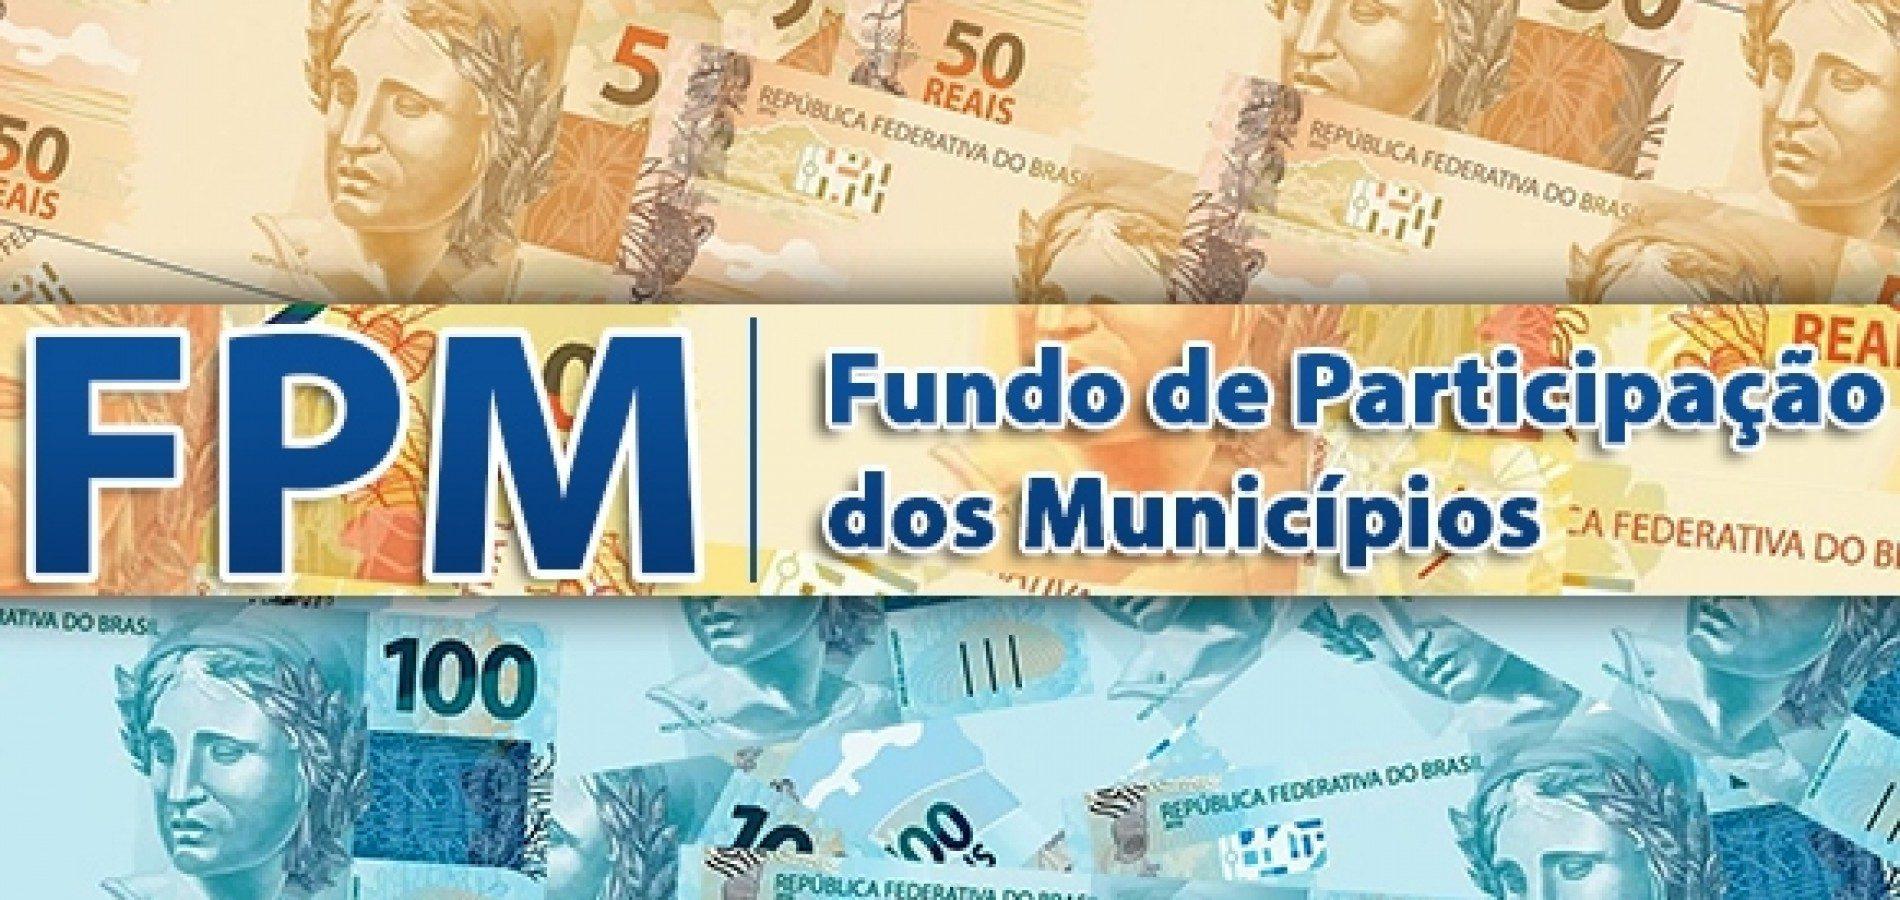 Municípios recebem último repasse do FPM nesta sexta